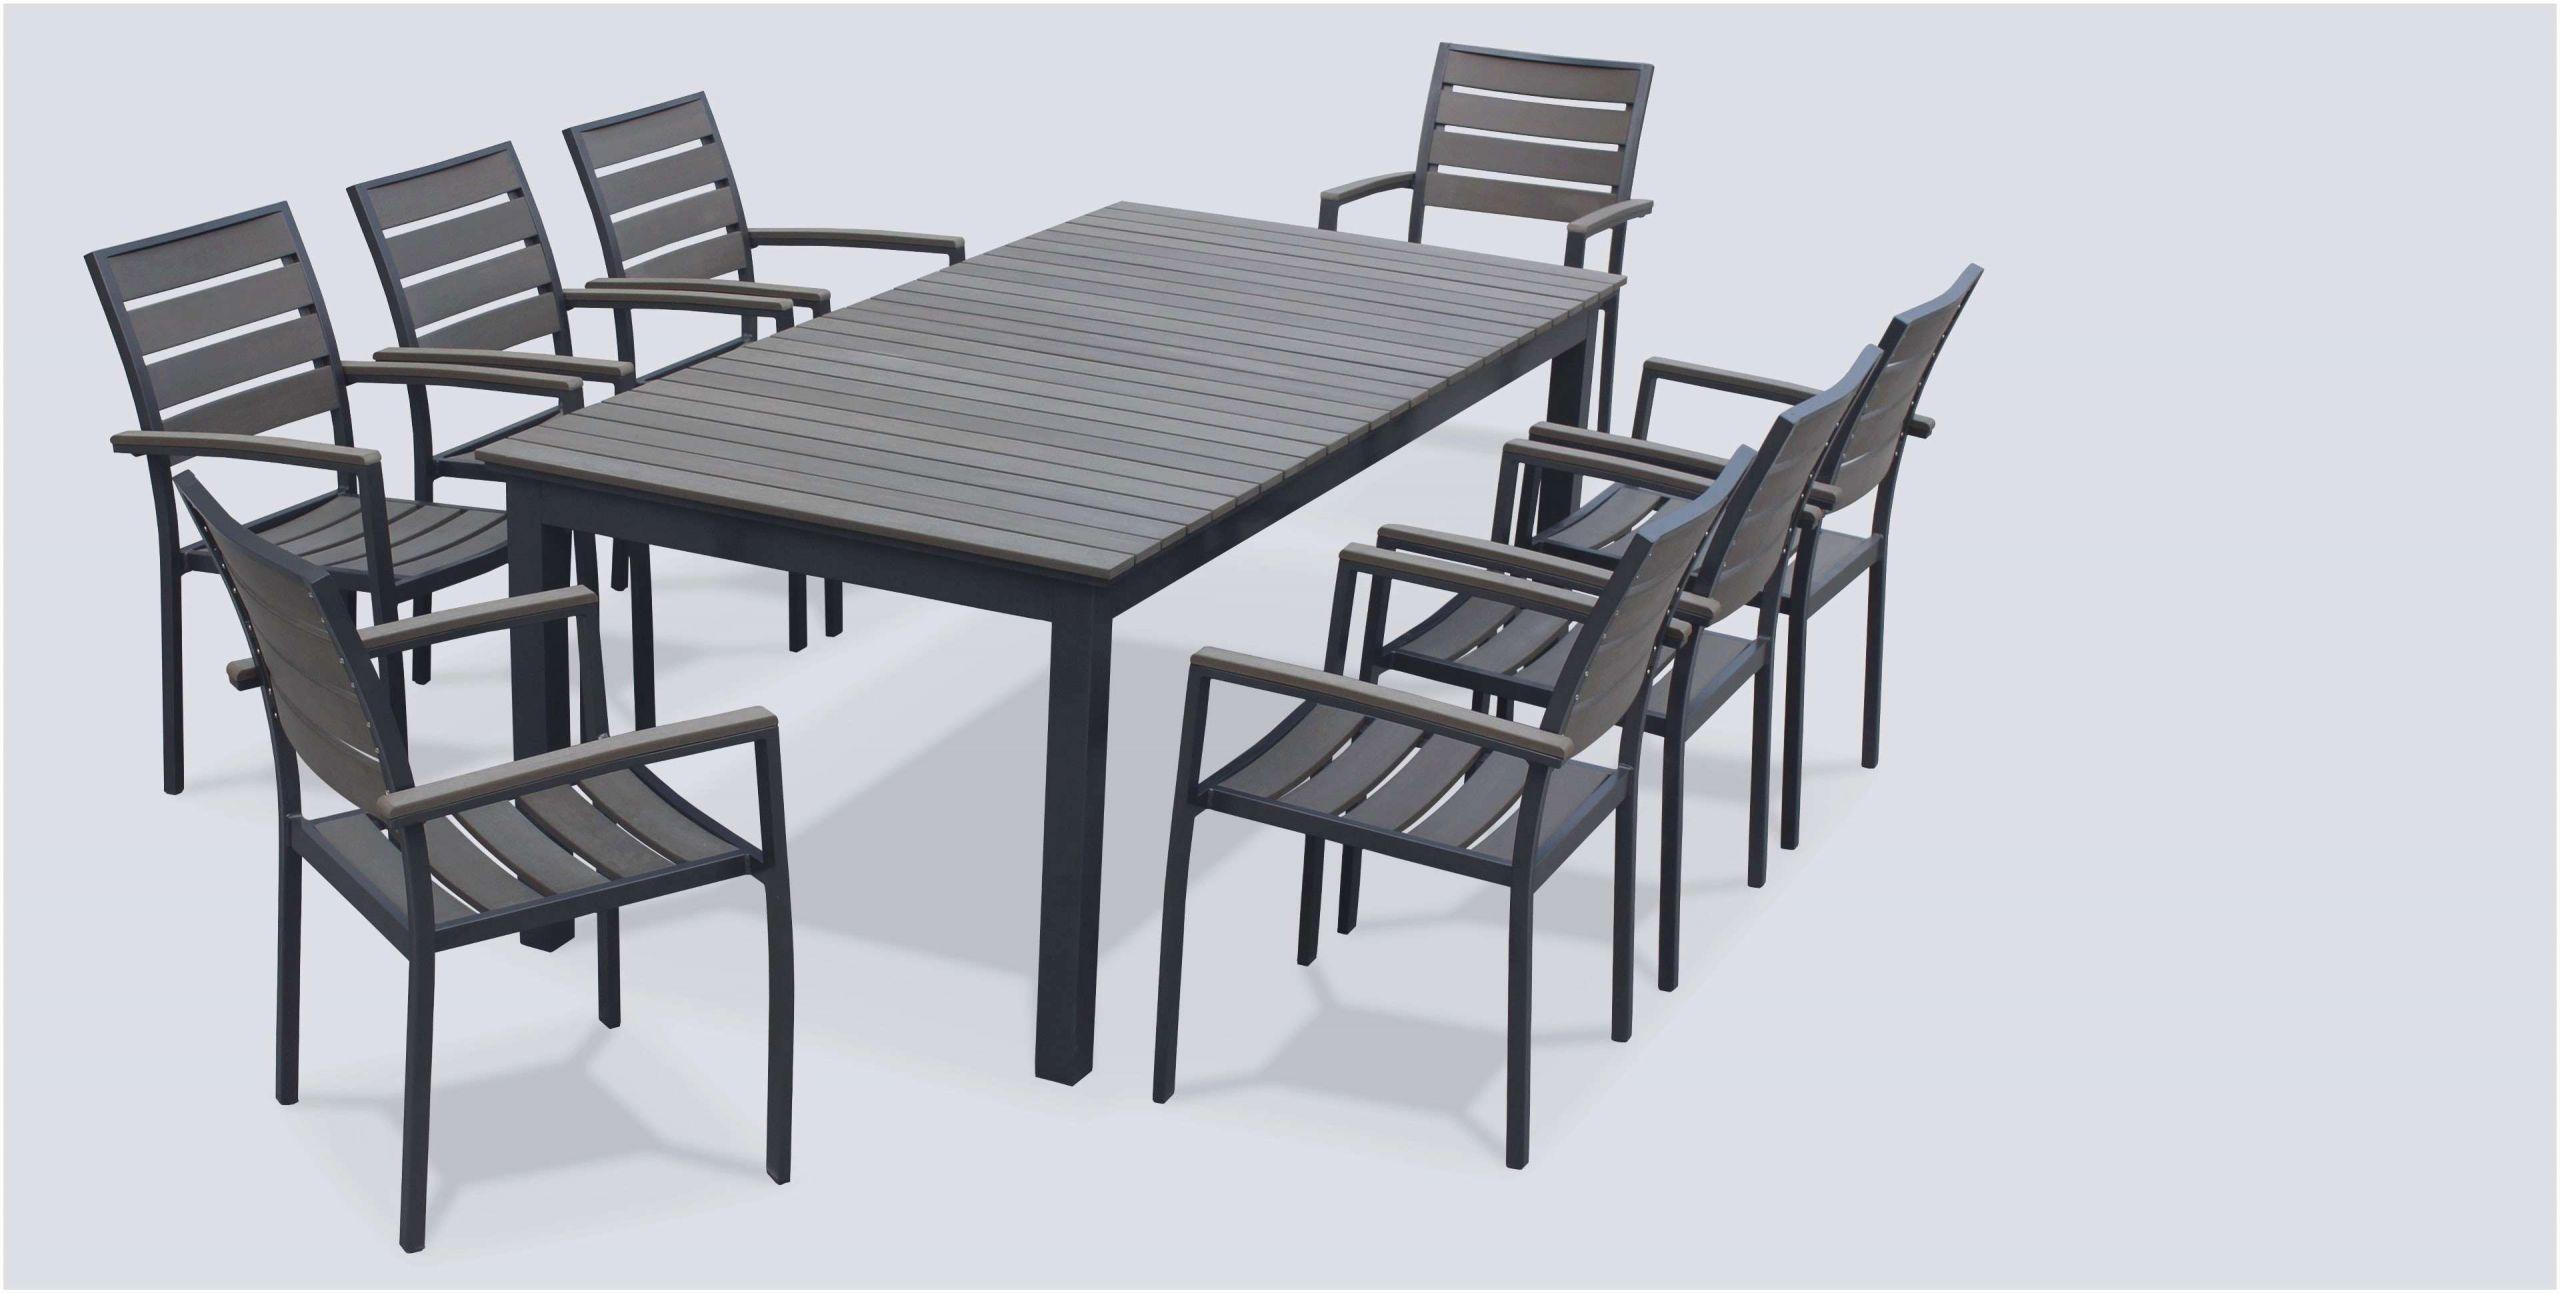 37 Charmant Table De Salon De Jardin Leclerc | Salon Jardin intérieur Table De Jardin Plastique Leclerc